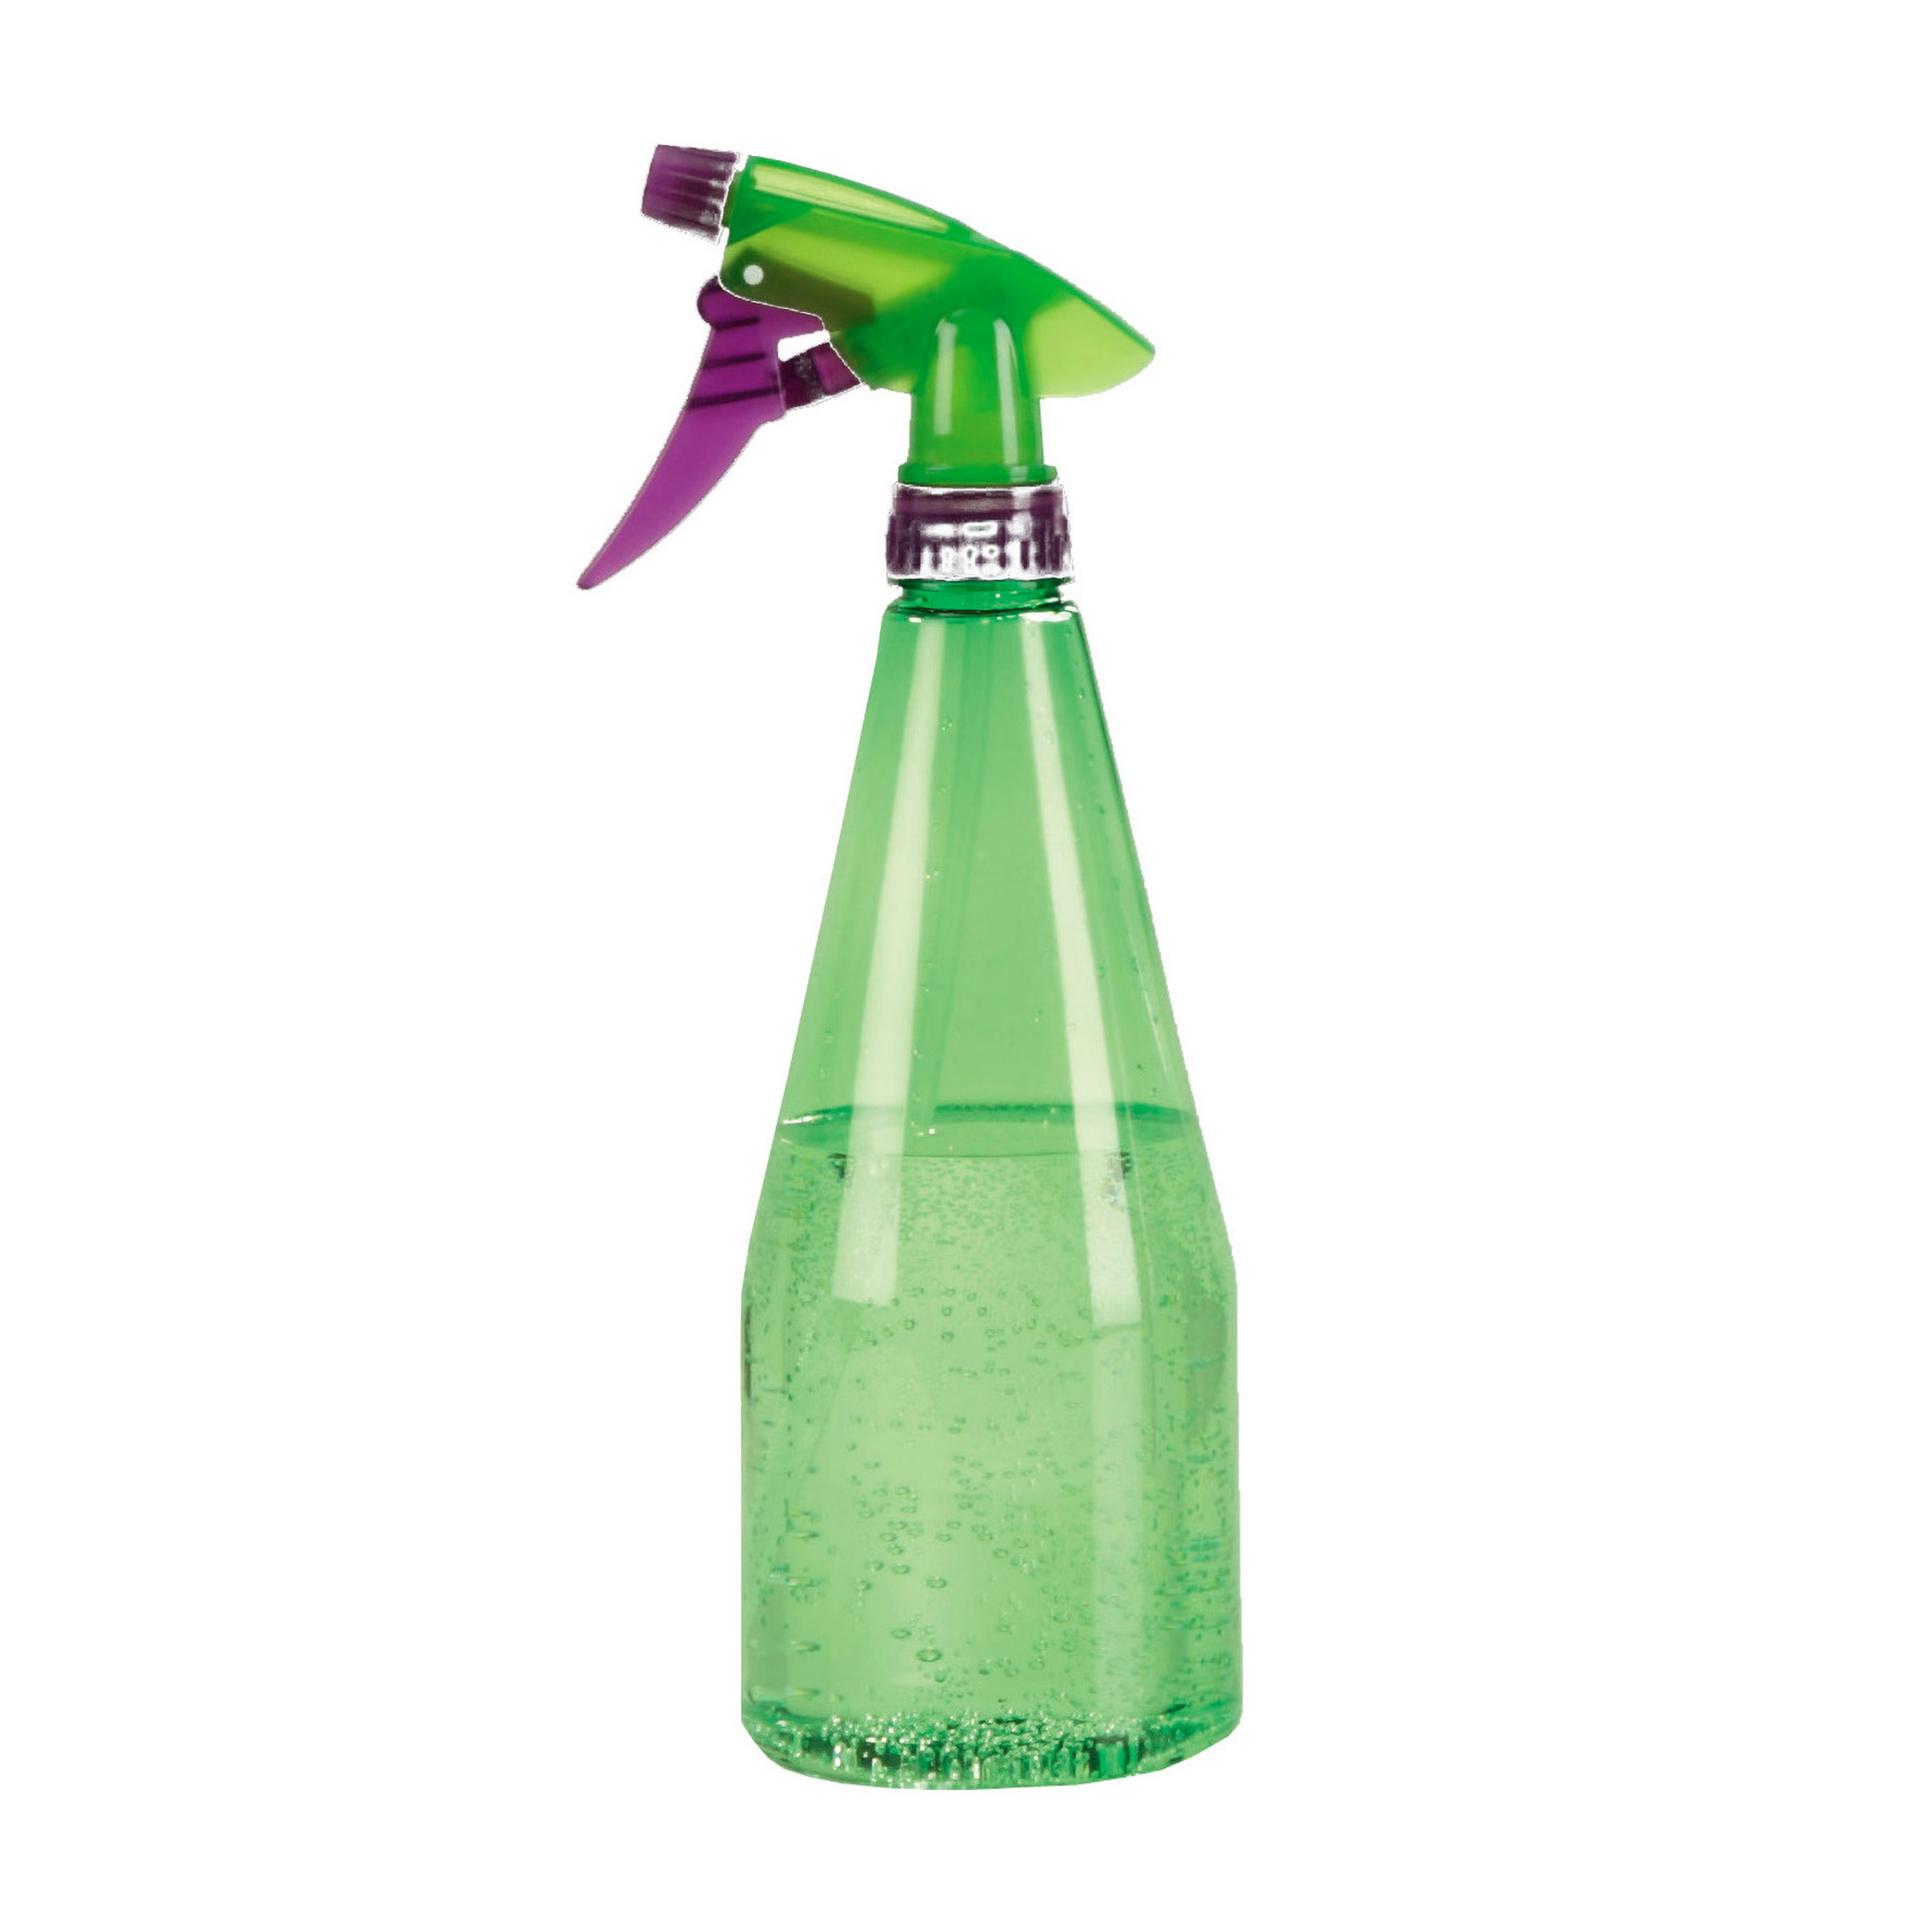 Sprayer Pflanzensprüher Green/Violet 142/27